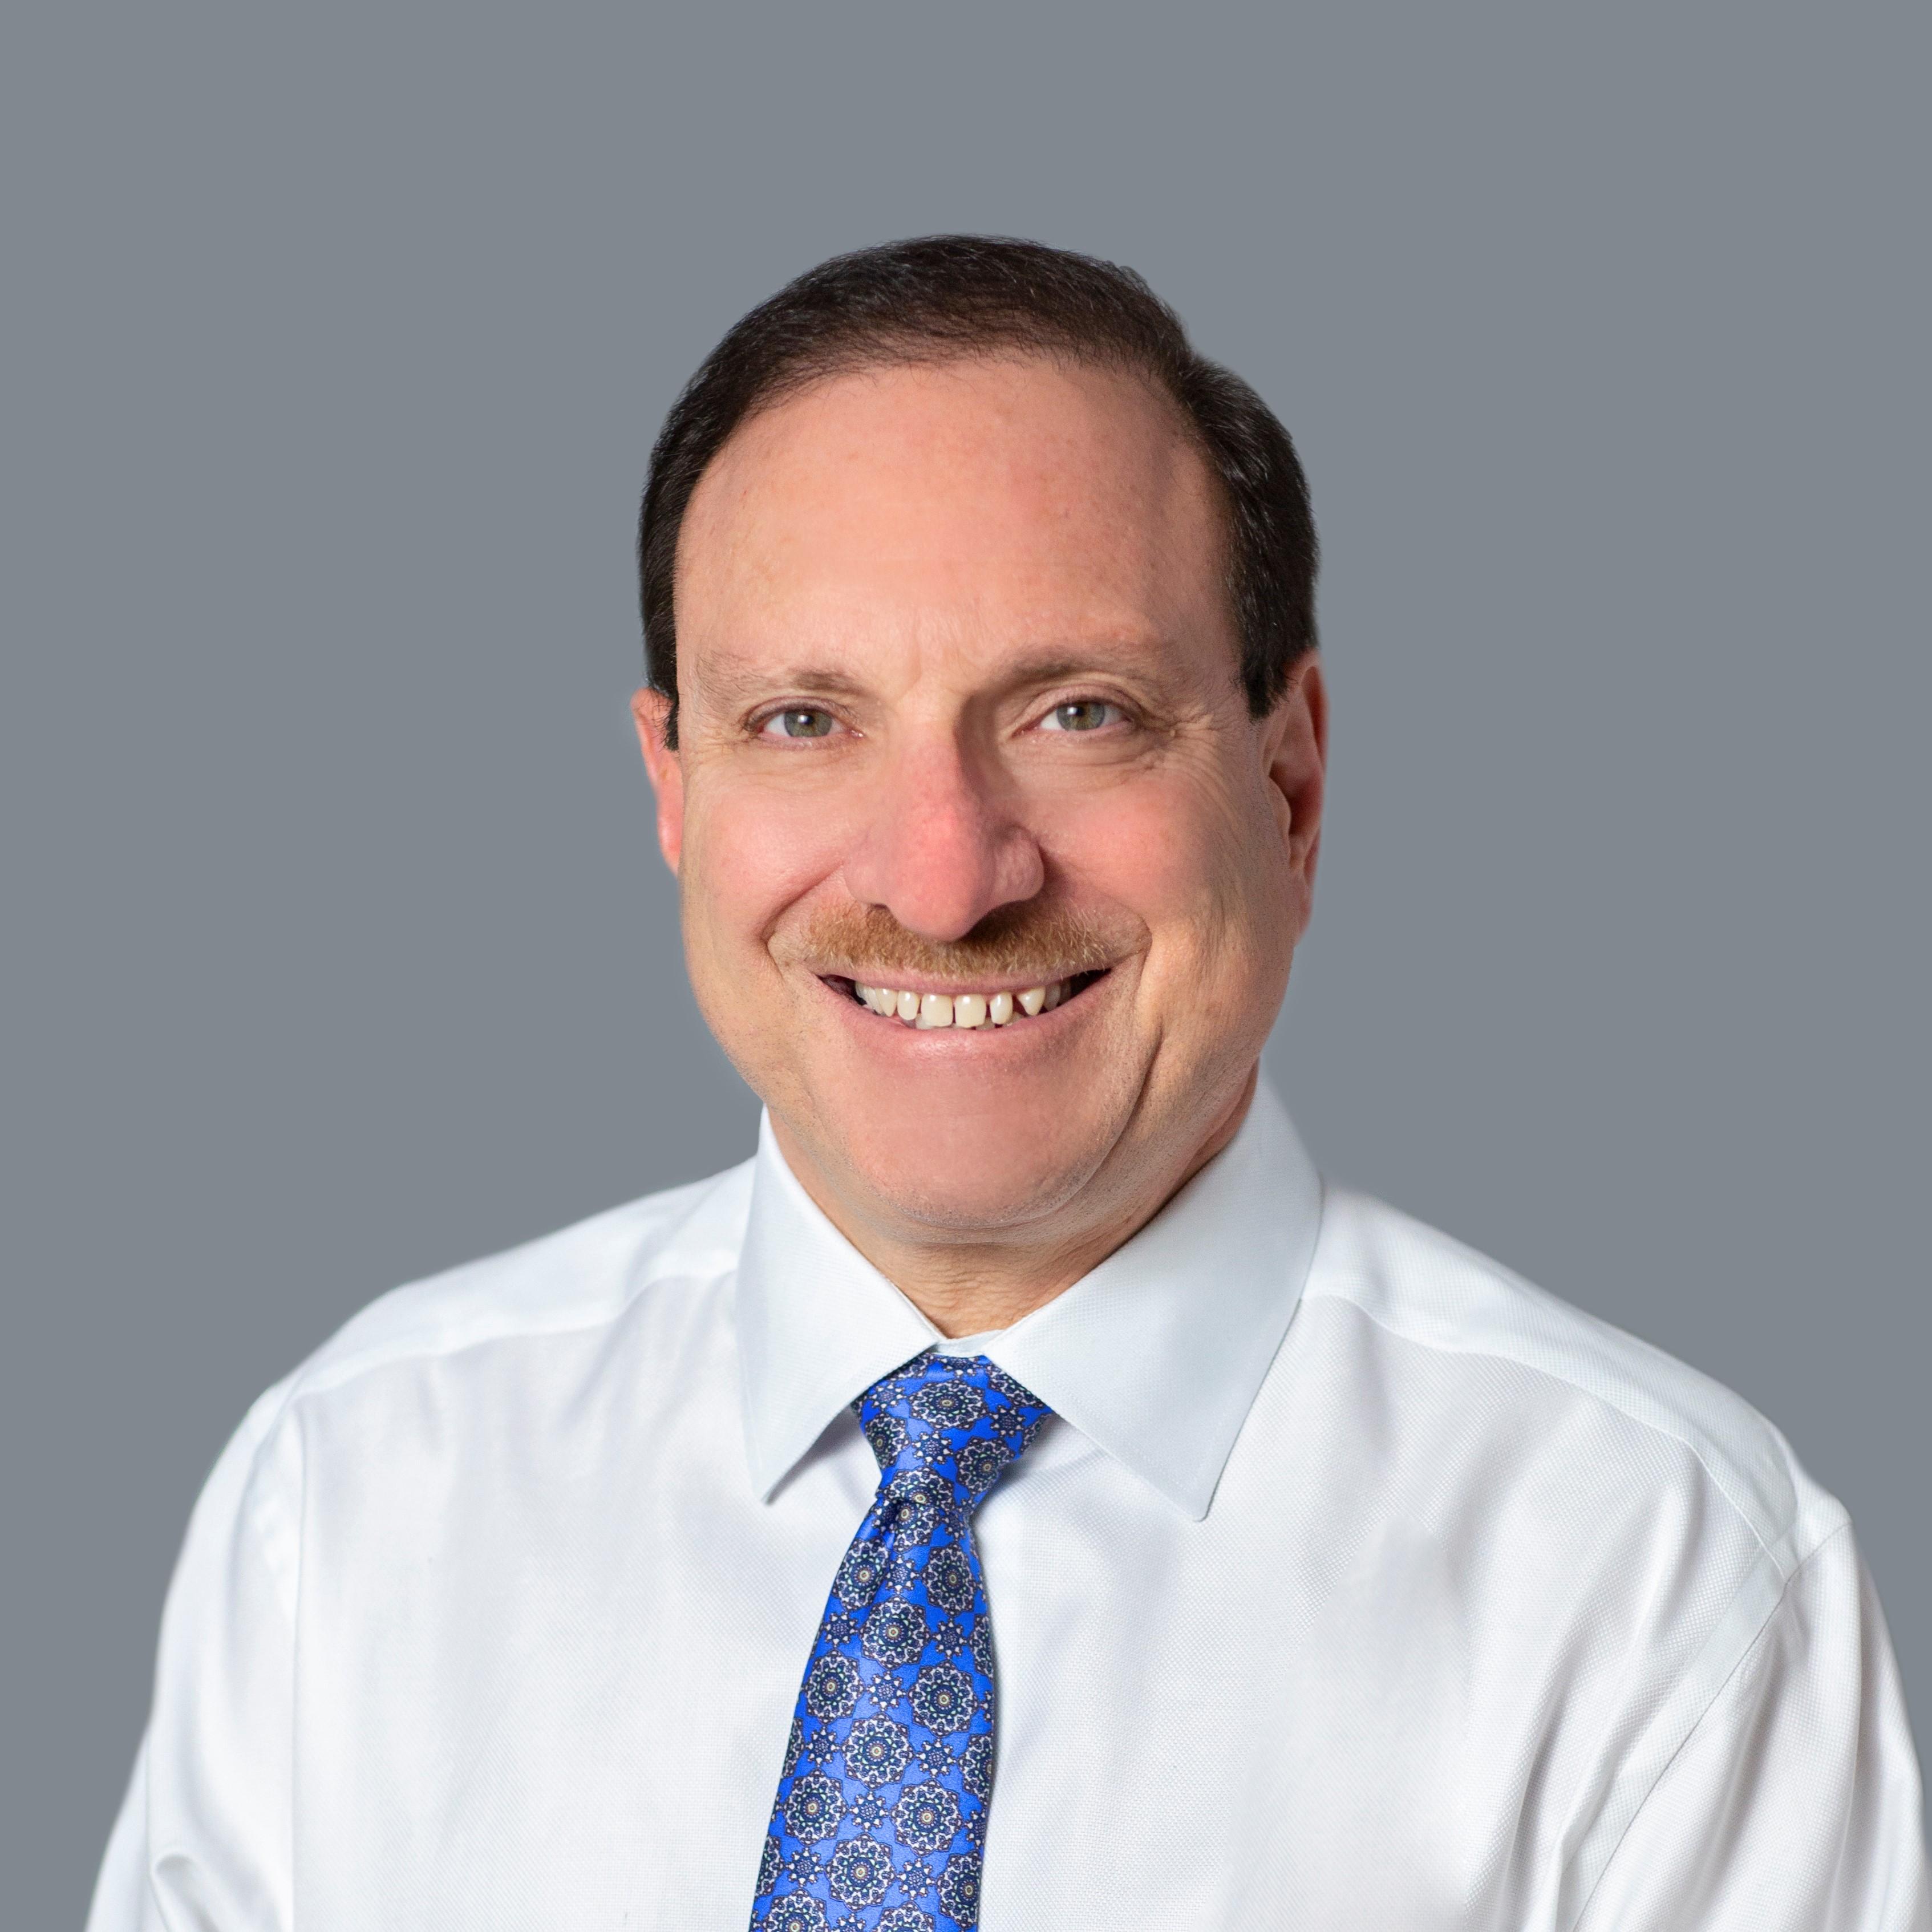 Dr. Shahab Minassian